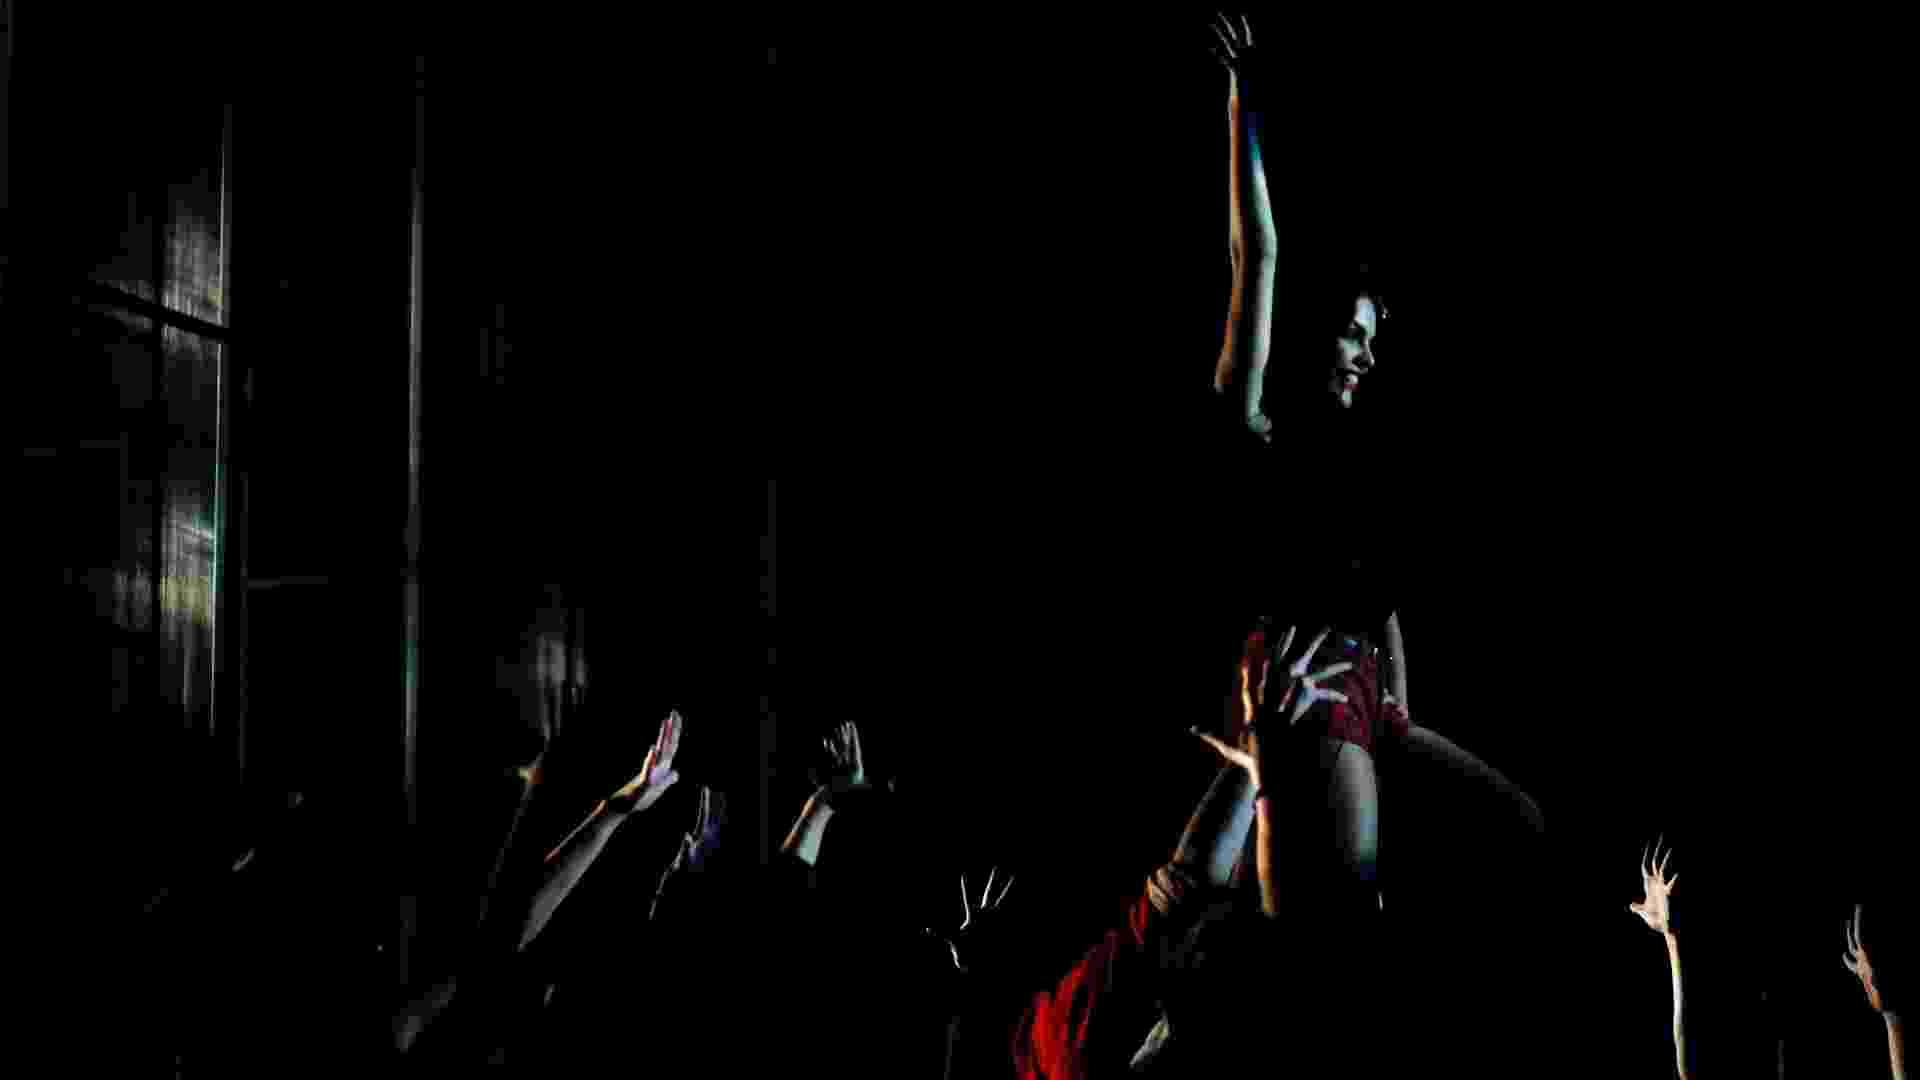 """O espetáculo """"Fame"""" conta a história de um grupo de jovens artistas que buscam o estrelato. O espetáculo estreia em 12 de maio (sexta) e tem Paloma Bernardi, Corina Sabbas e Mari Moon no elenco - Leandro Moraes/UOL"""